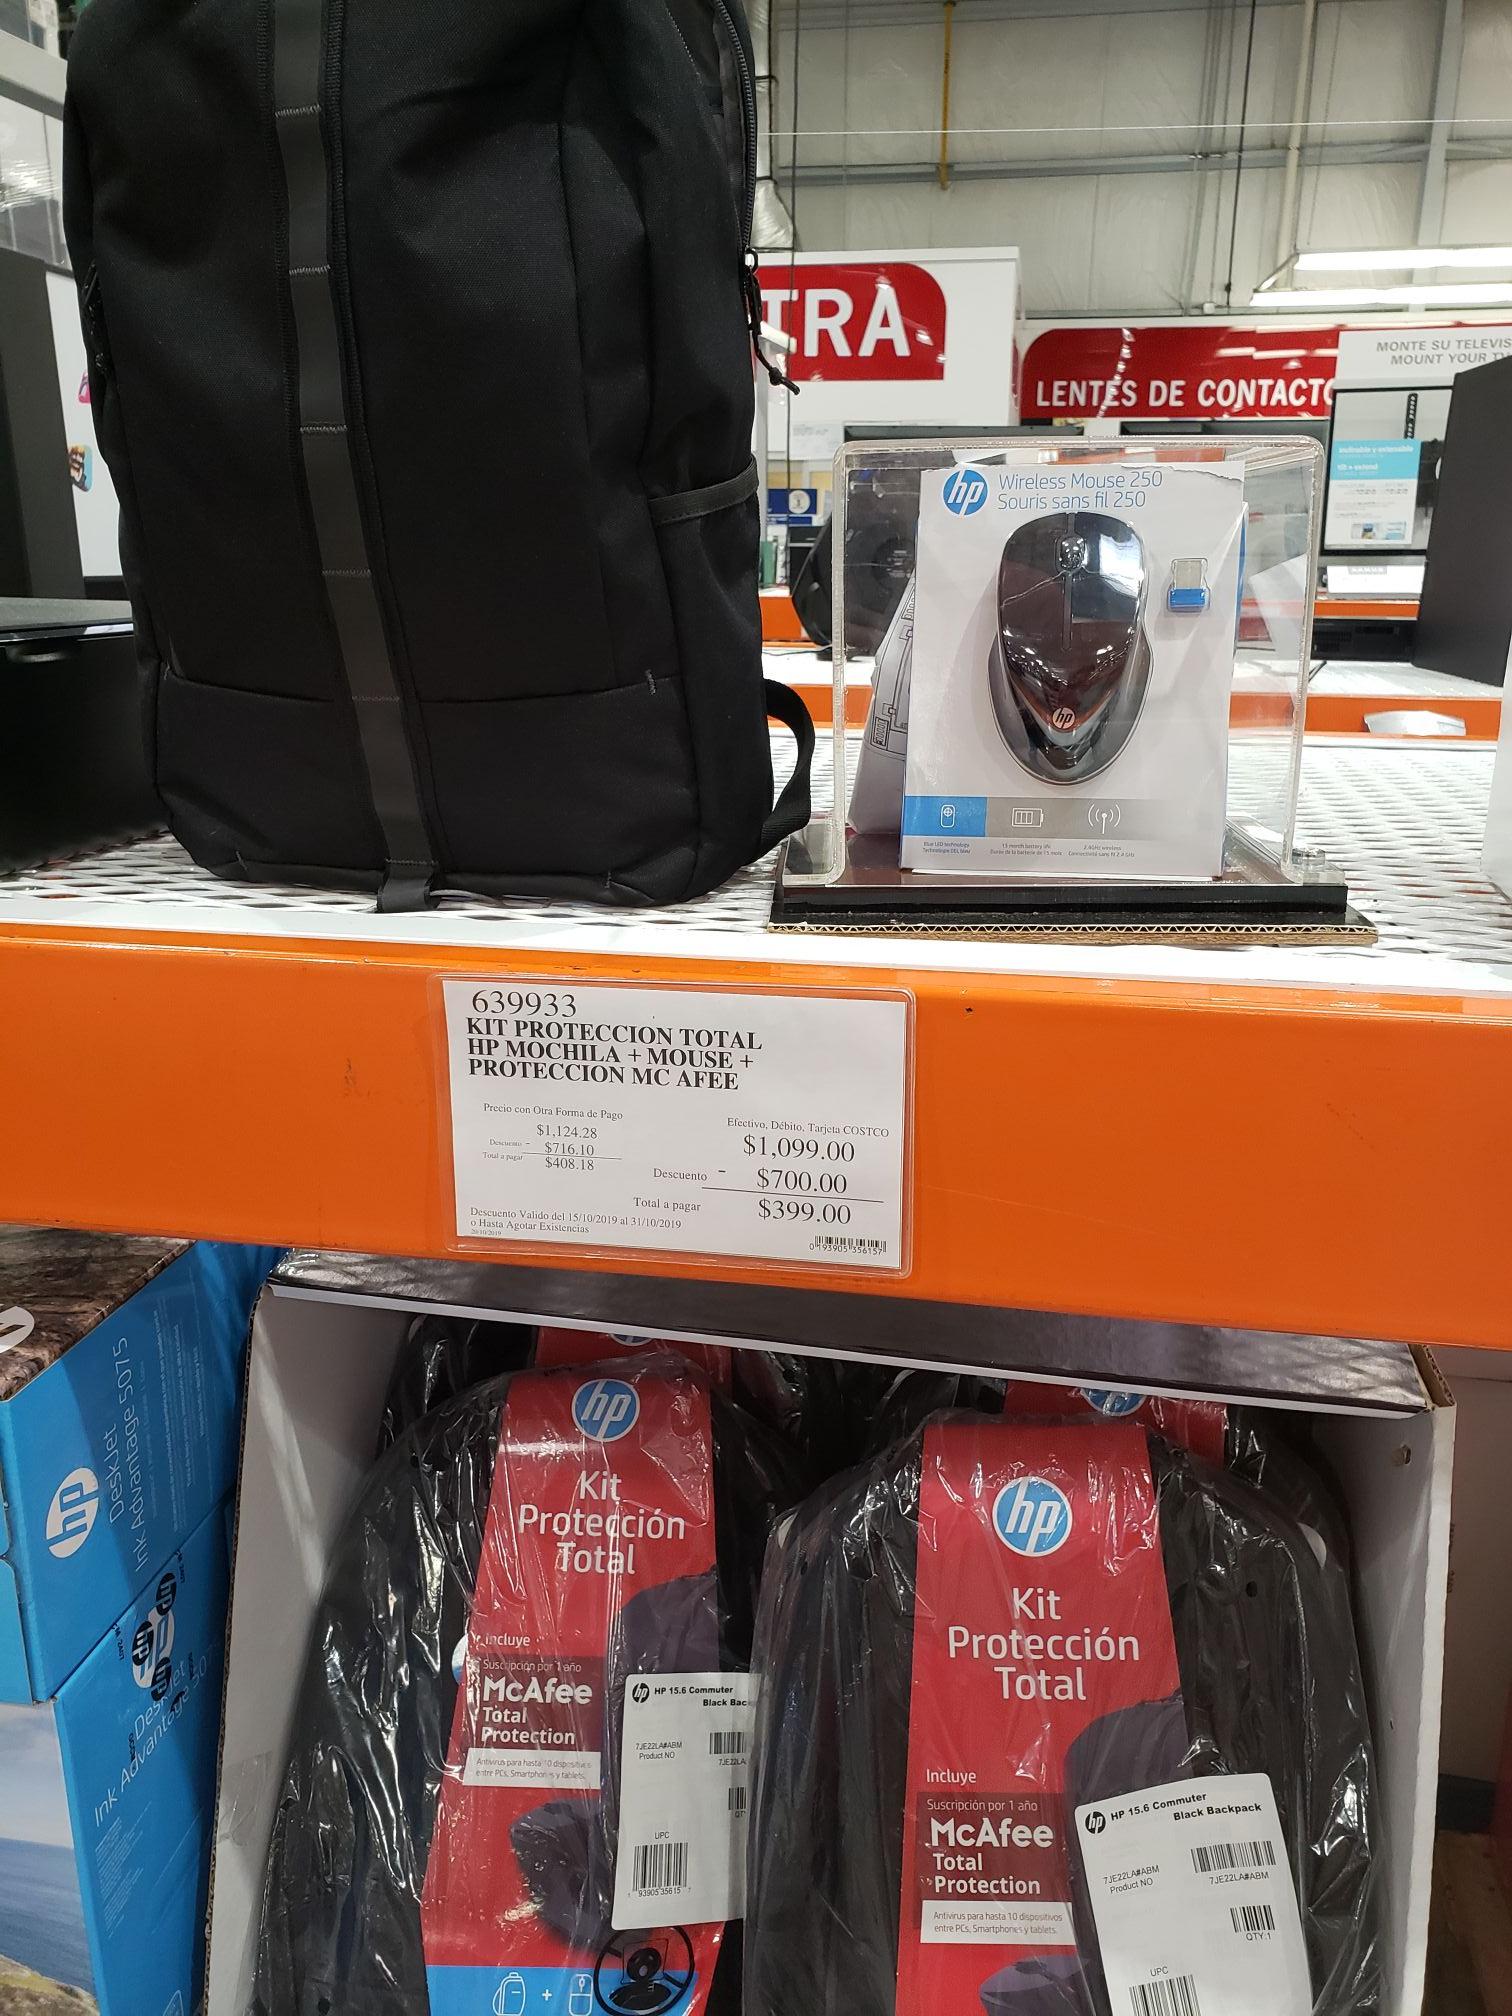 Costco: Mochila + mouse HP y protección McAffe